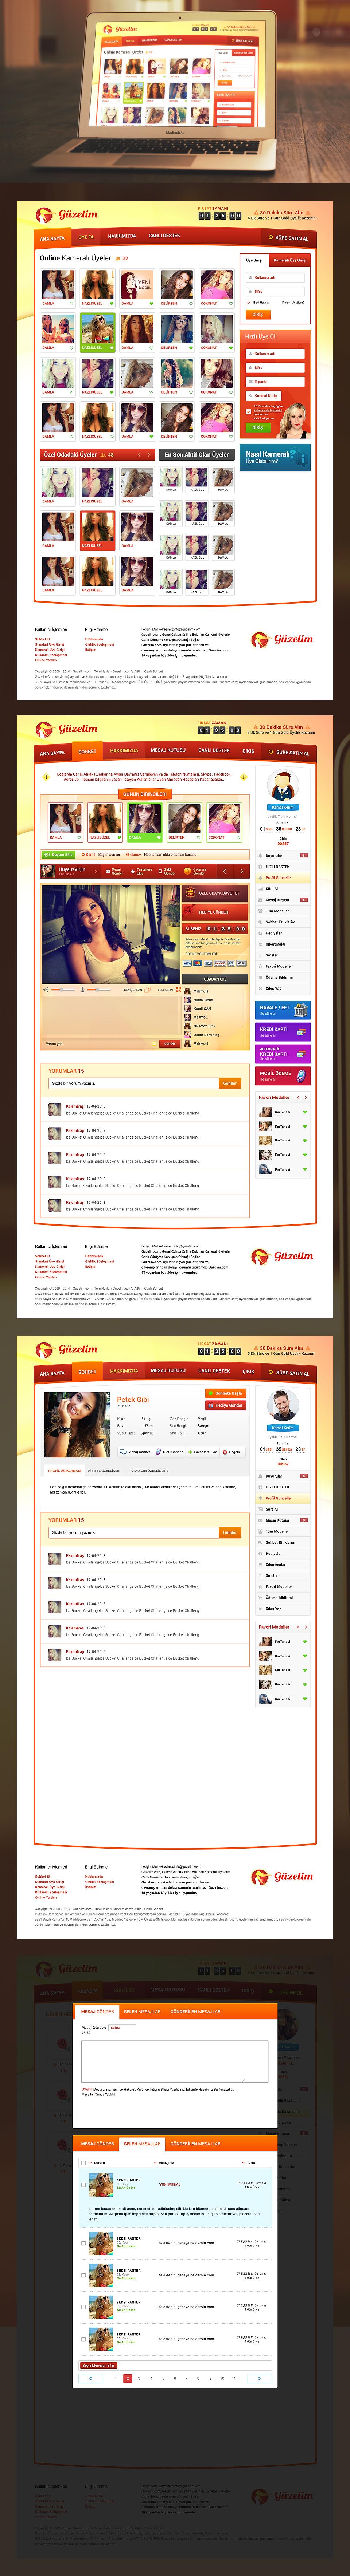 canlı sohbet sitesi tasarımı